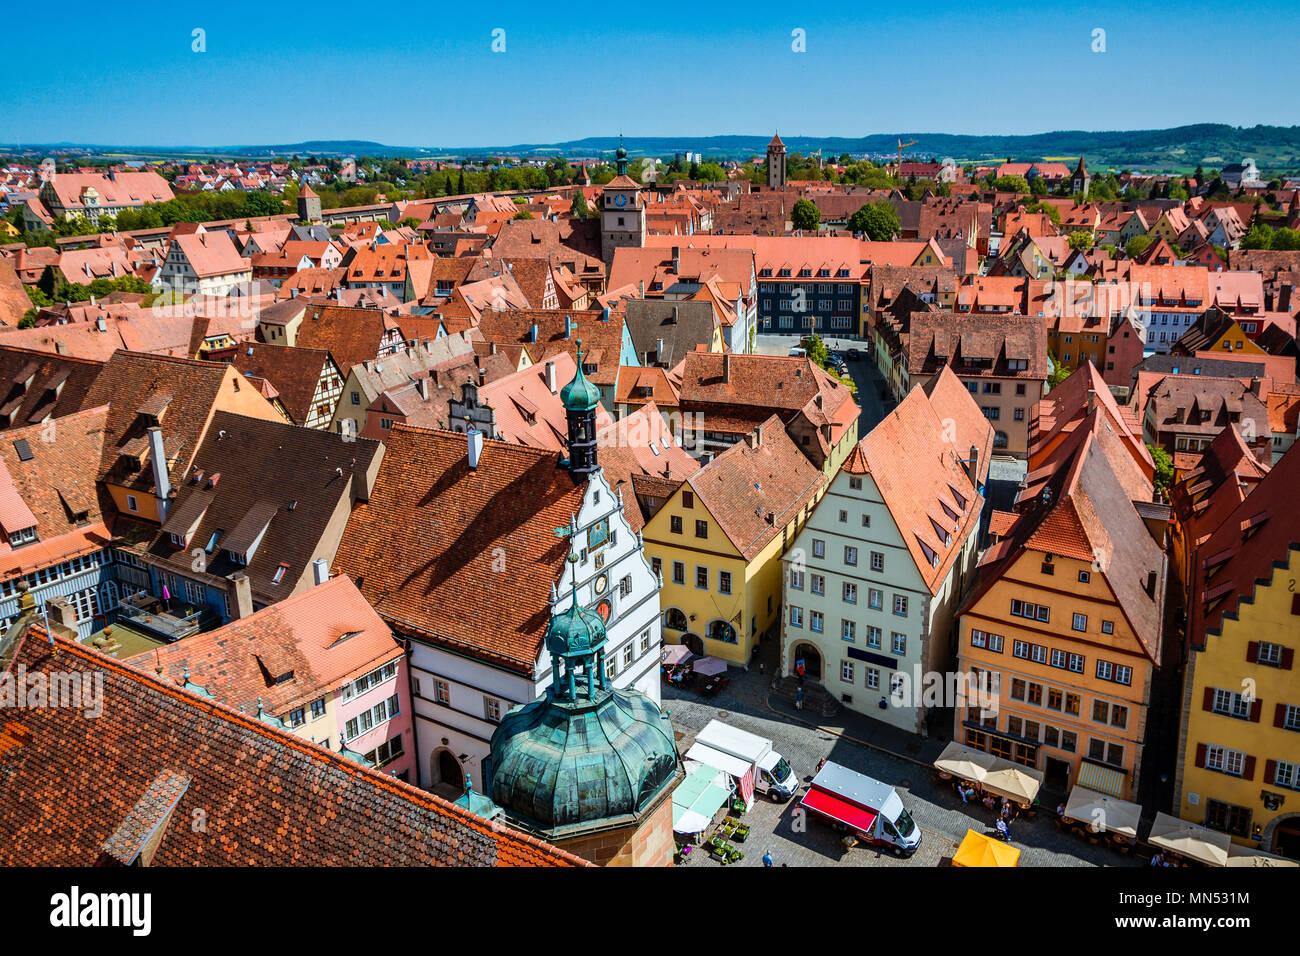 Malerische Sommer Antenne Panorama der Altstadt Stadt in Rothenburg o.d. Tauber, Bayern, Deutschland Stockbild